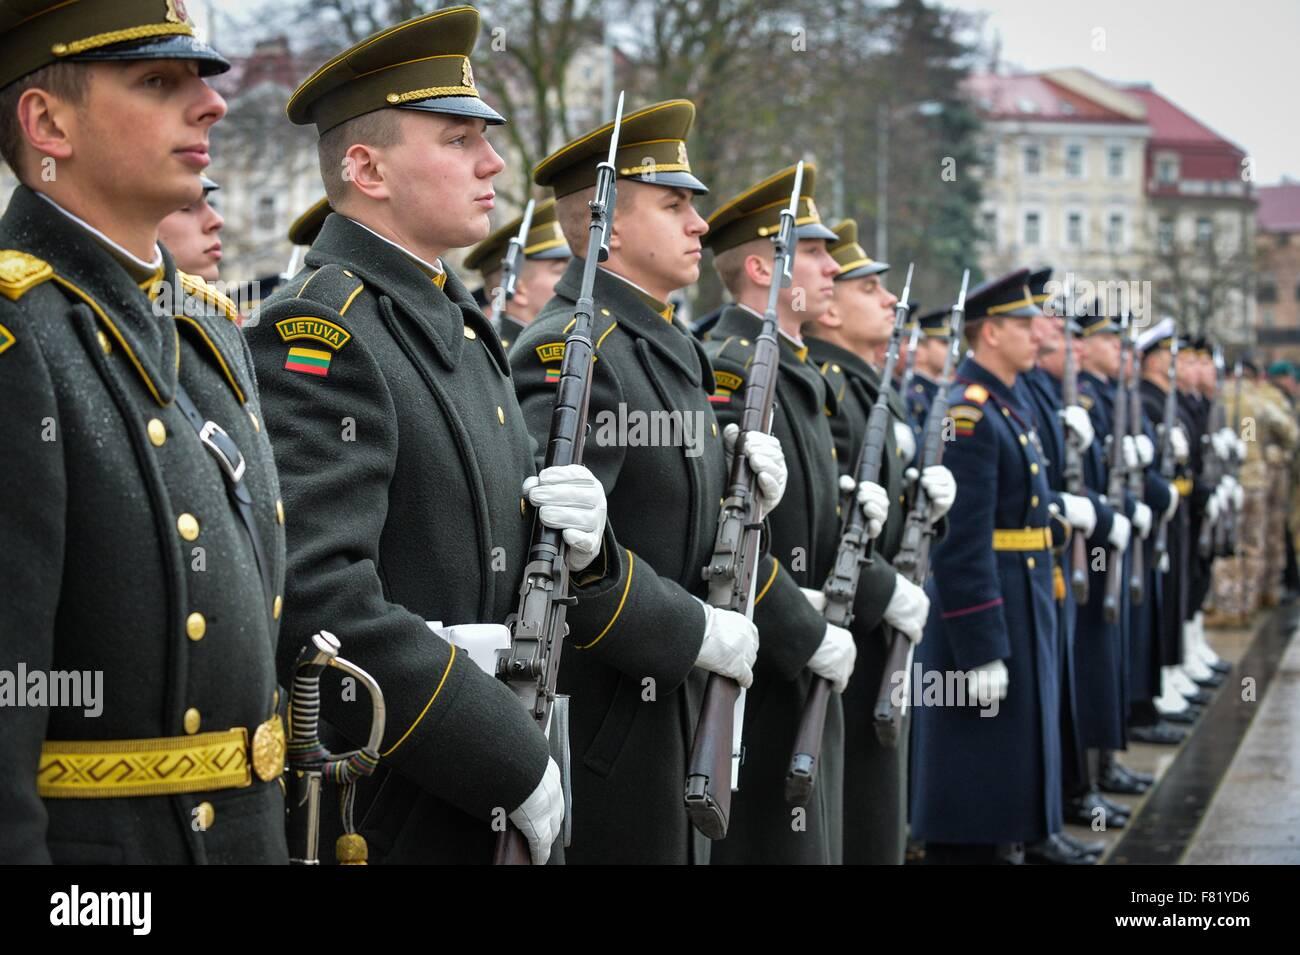 Las tropas lituanas están formados durante el Desfile del Día de las Fuerzas Armadas lituanas en la Plaza Imagen De Stock